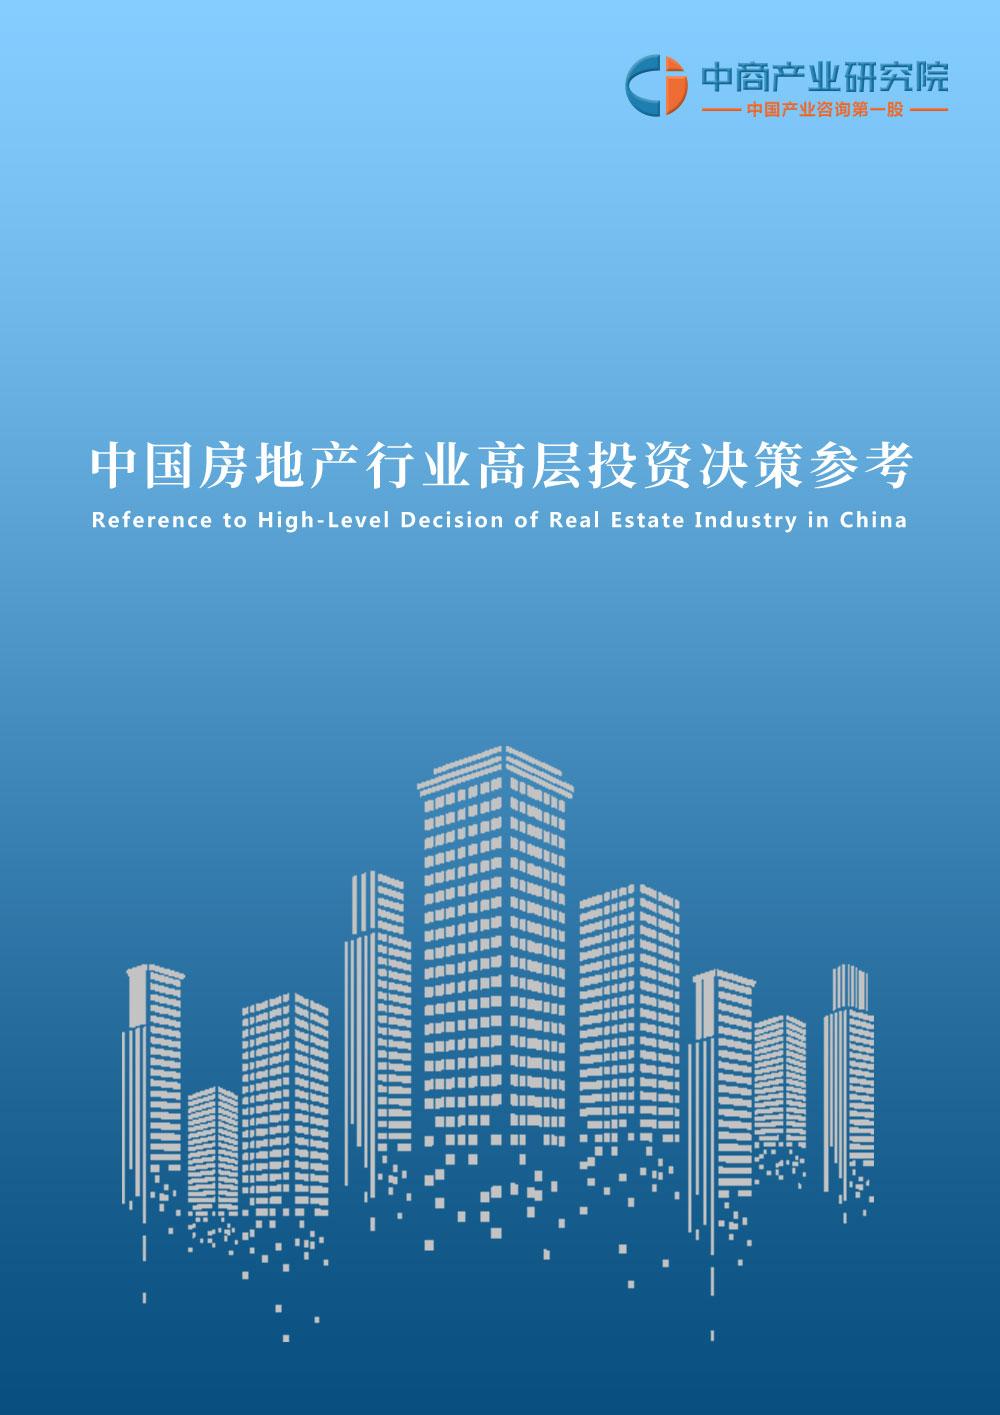 中国房地产行业投资决策参考(2019年1月)